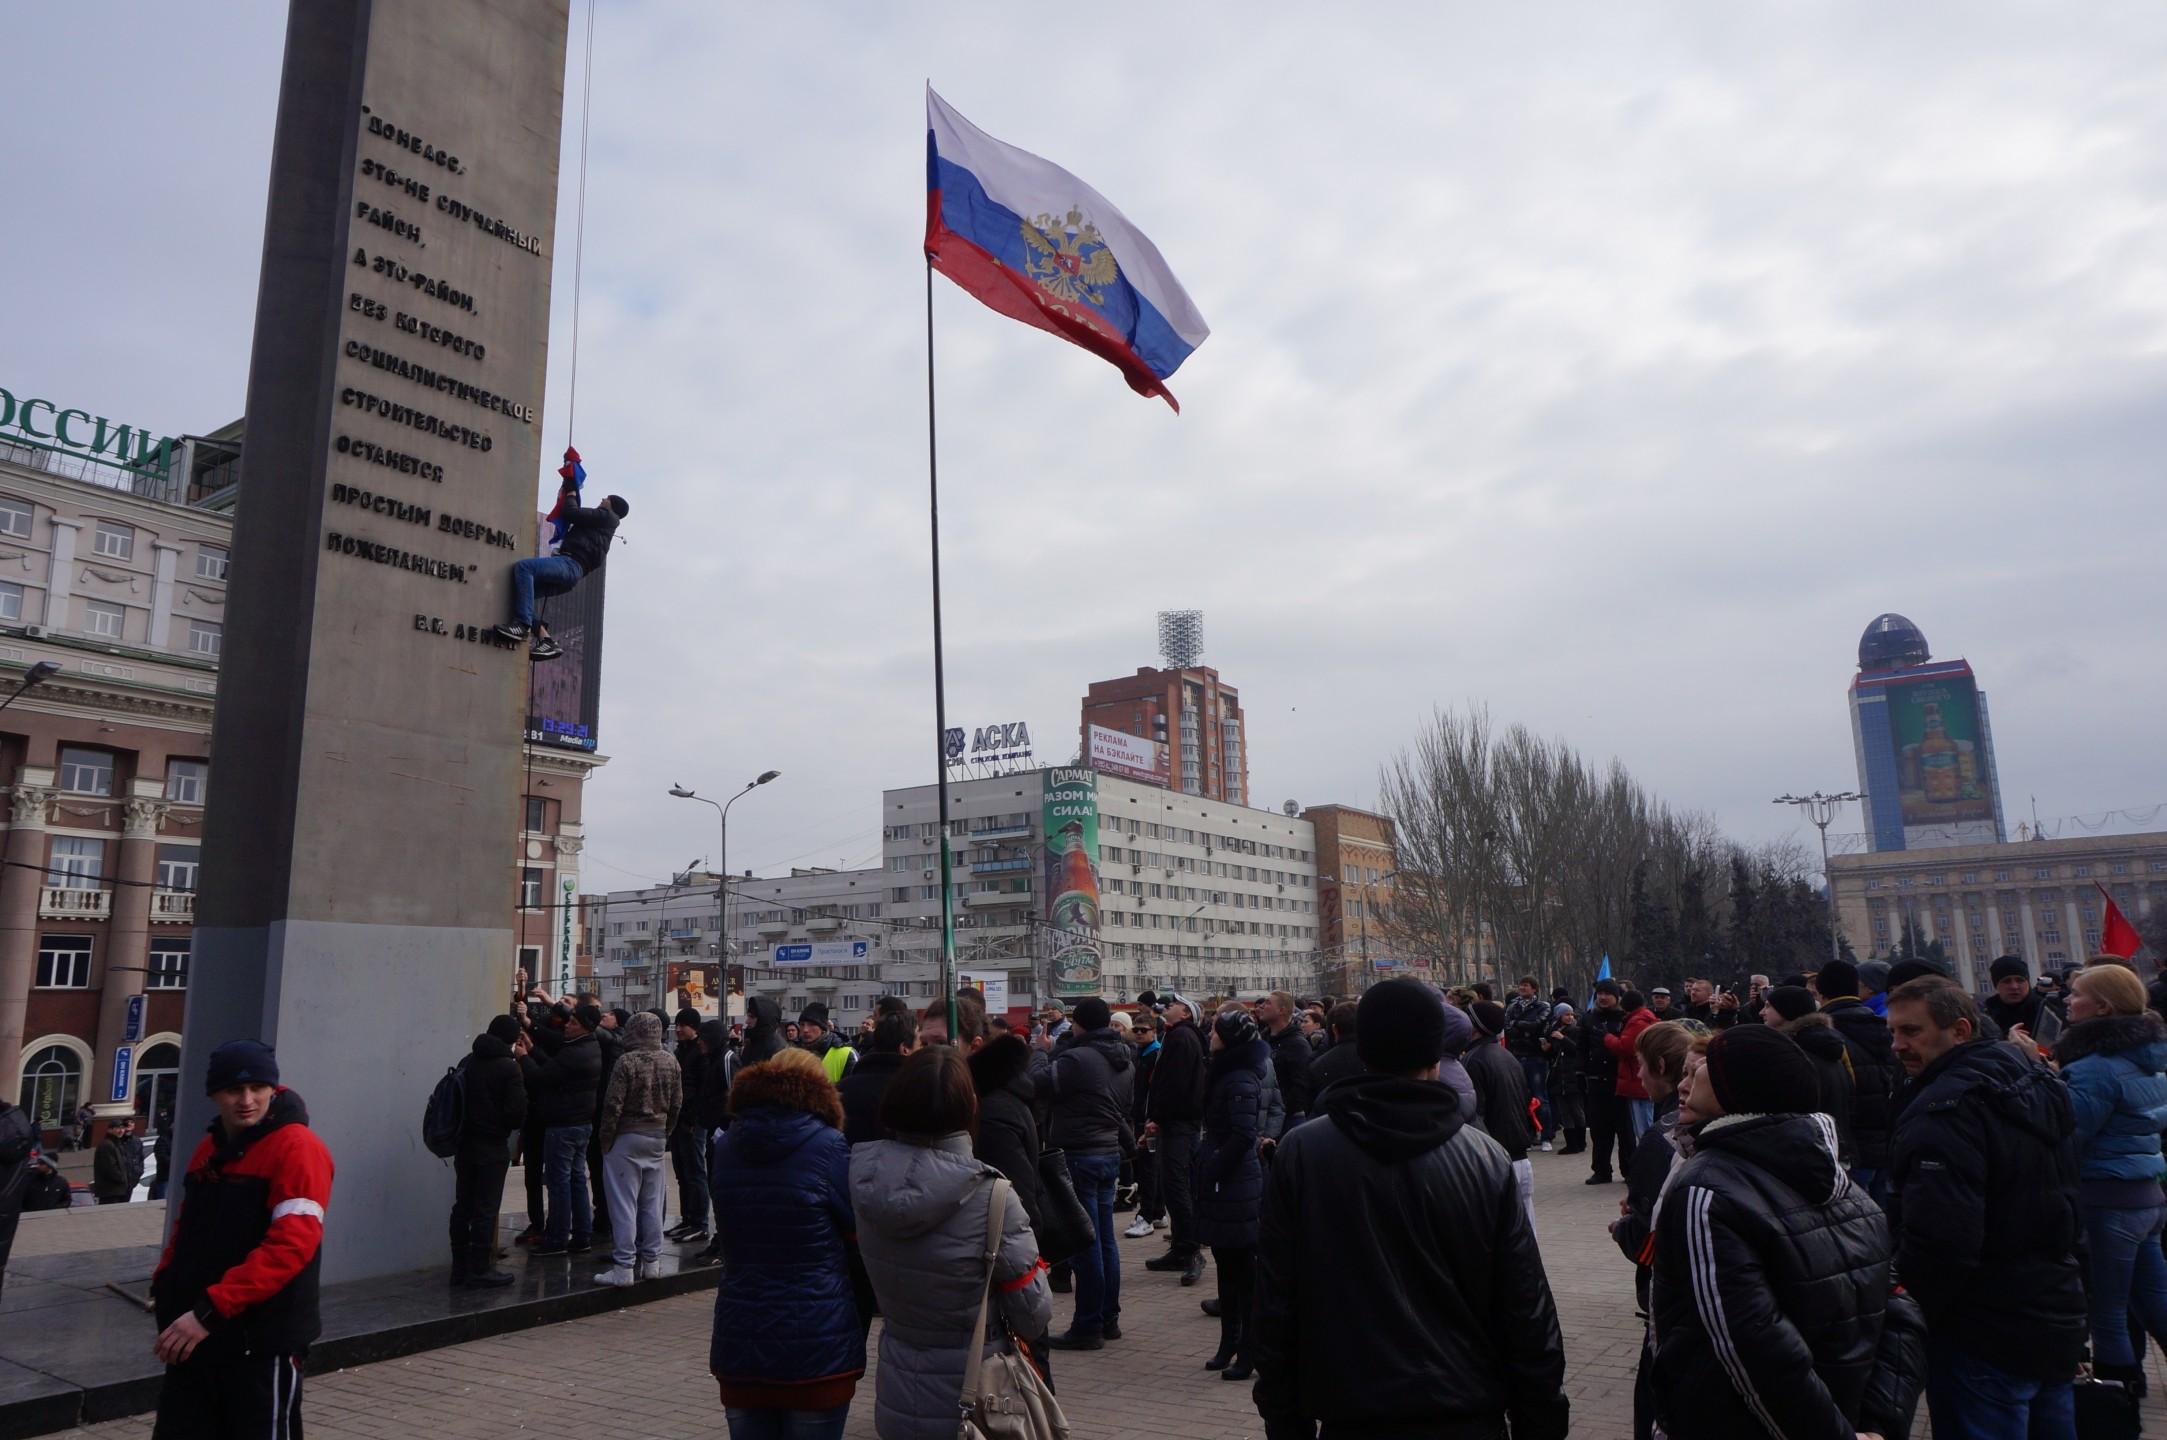 Donetsk; de Russische vlag wordt gehesen op het Lenin-plein